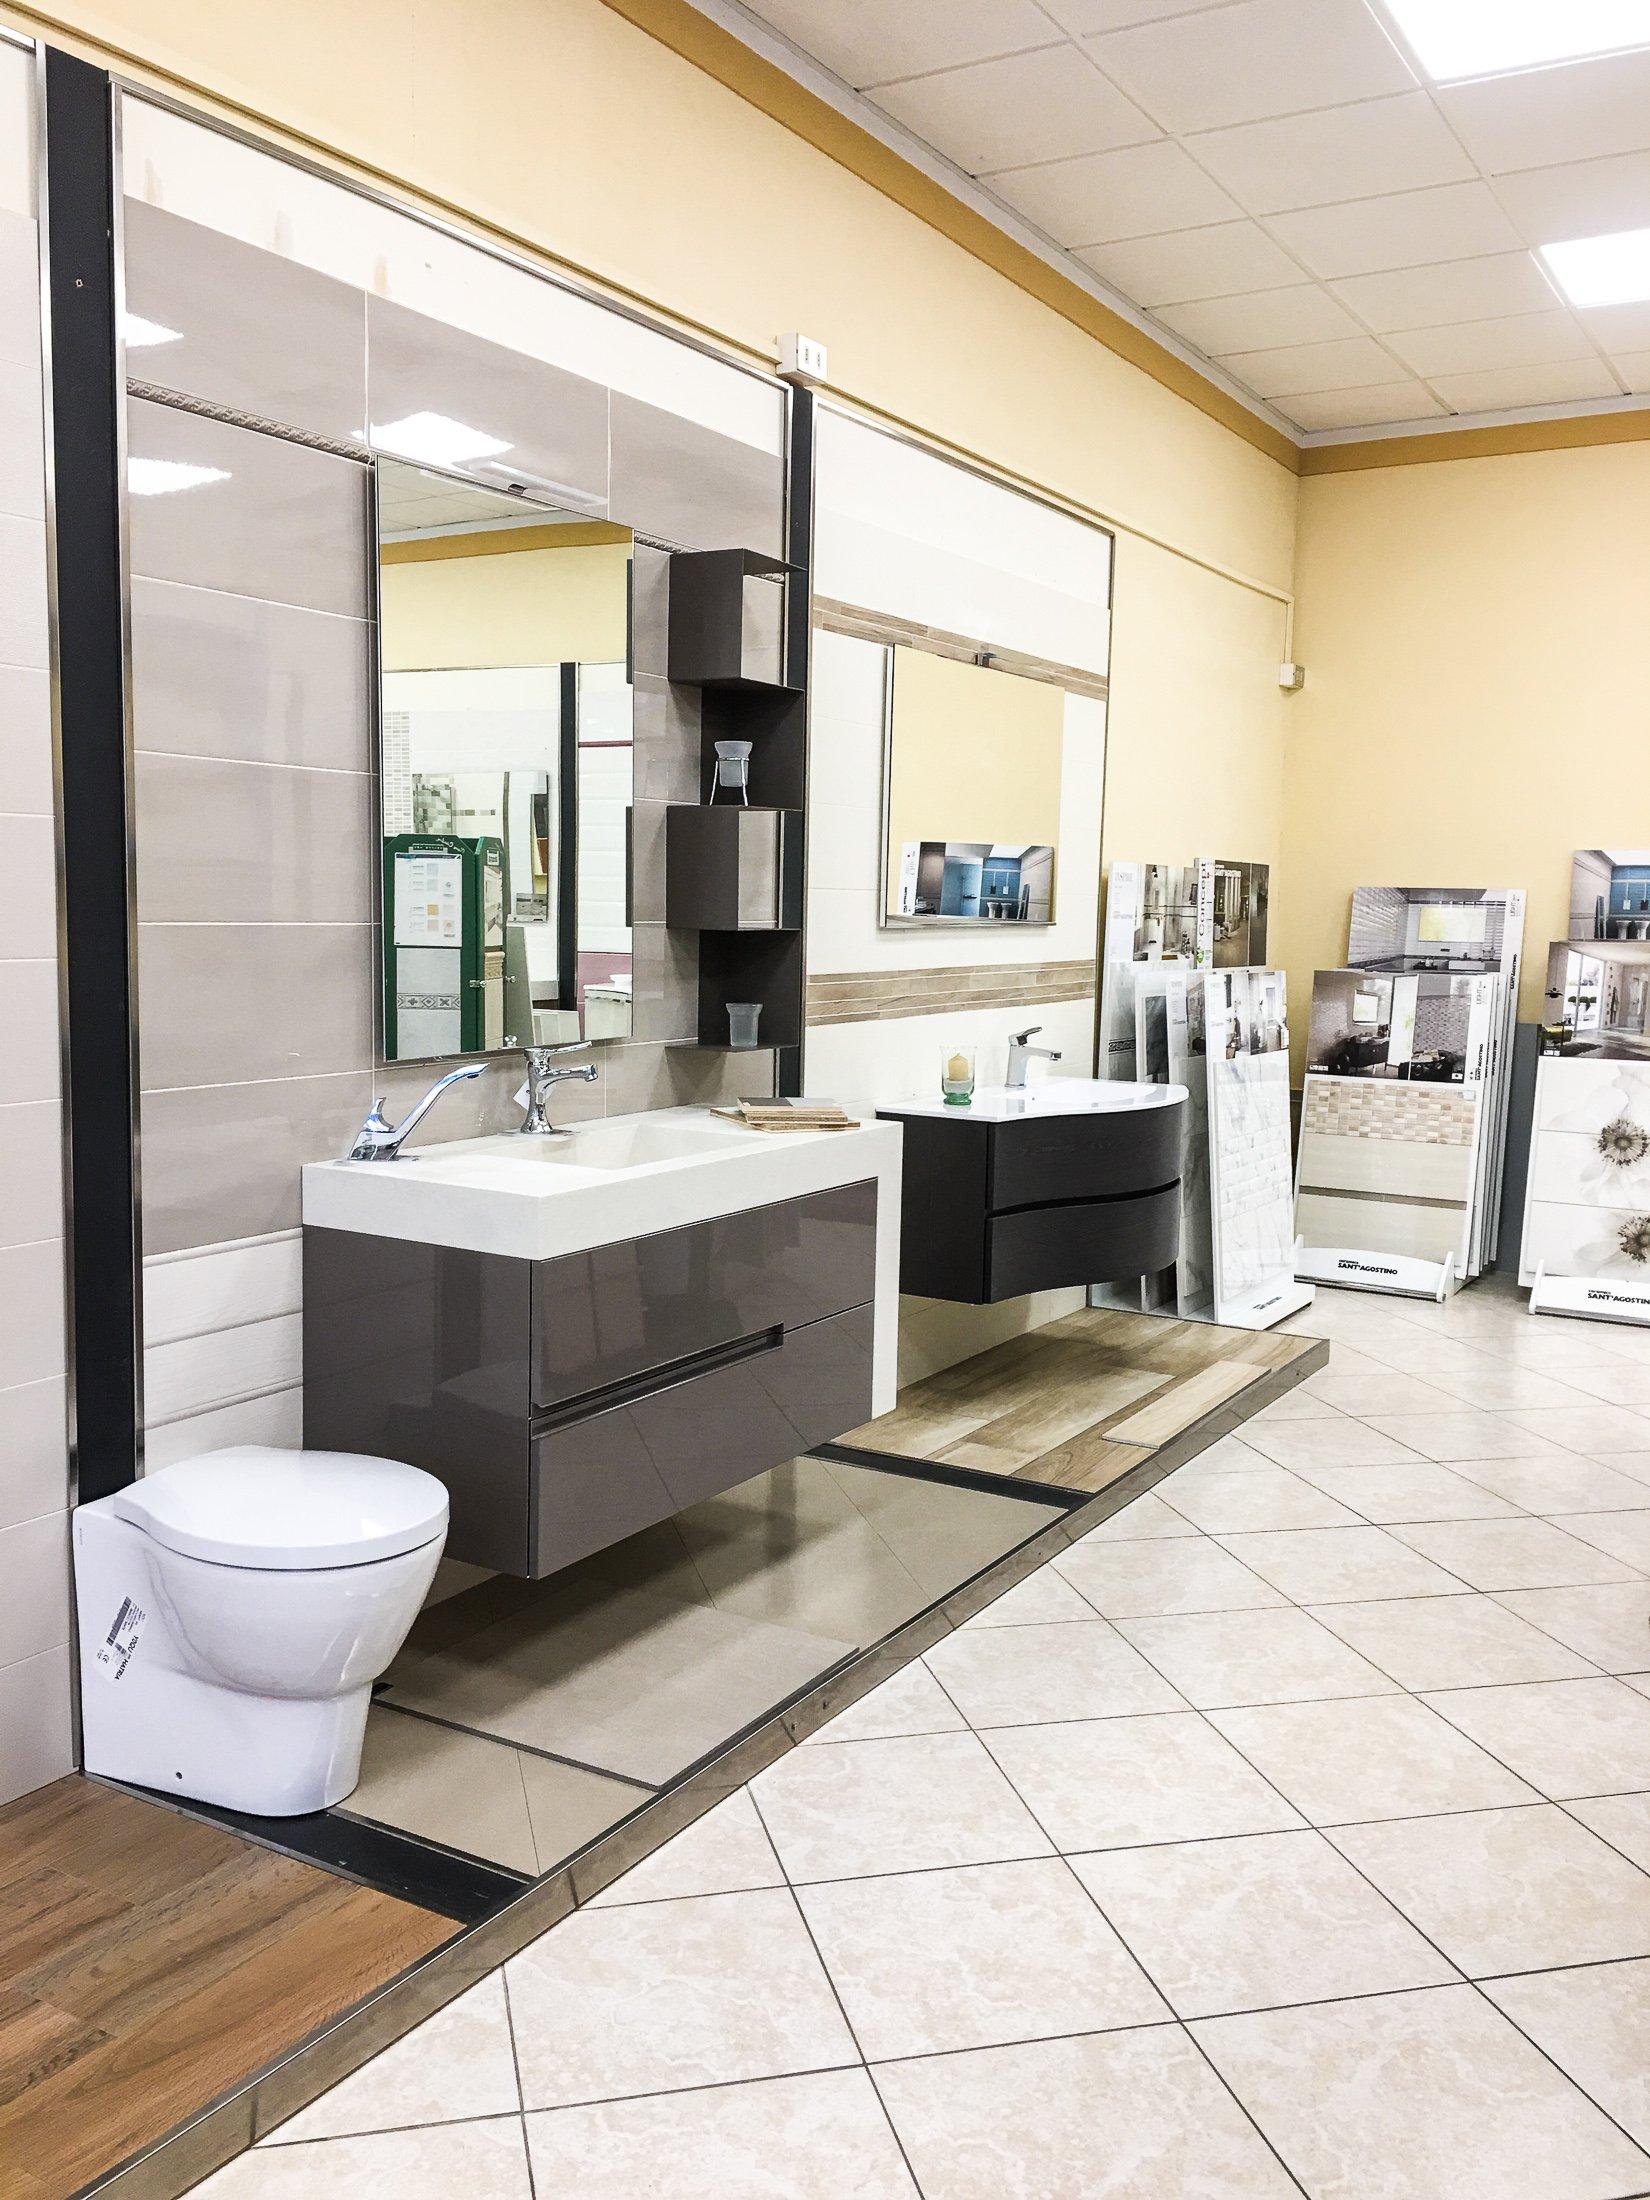 Arredo bagno arezzo altre immagini with arredo bagno - Armadietto bagno mondo convenienza ...